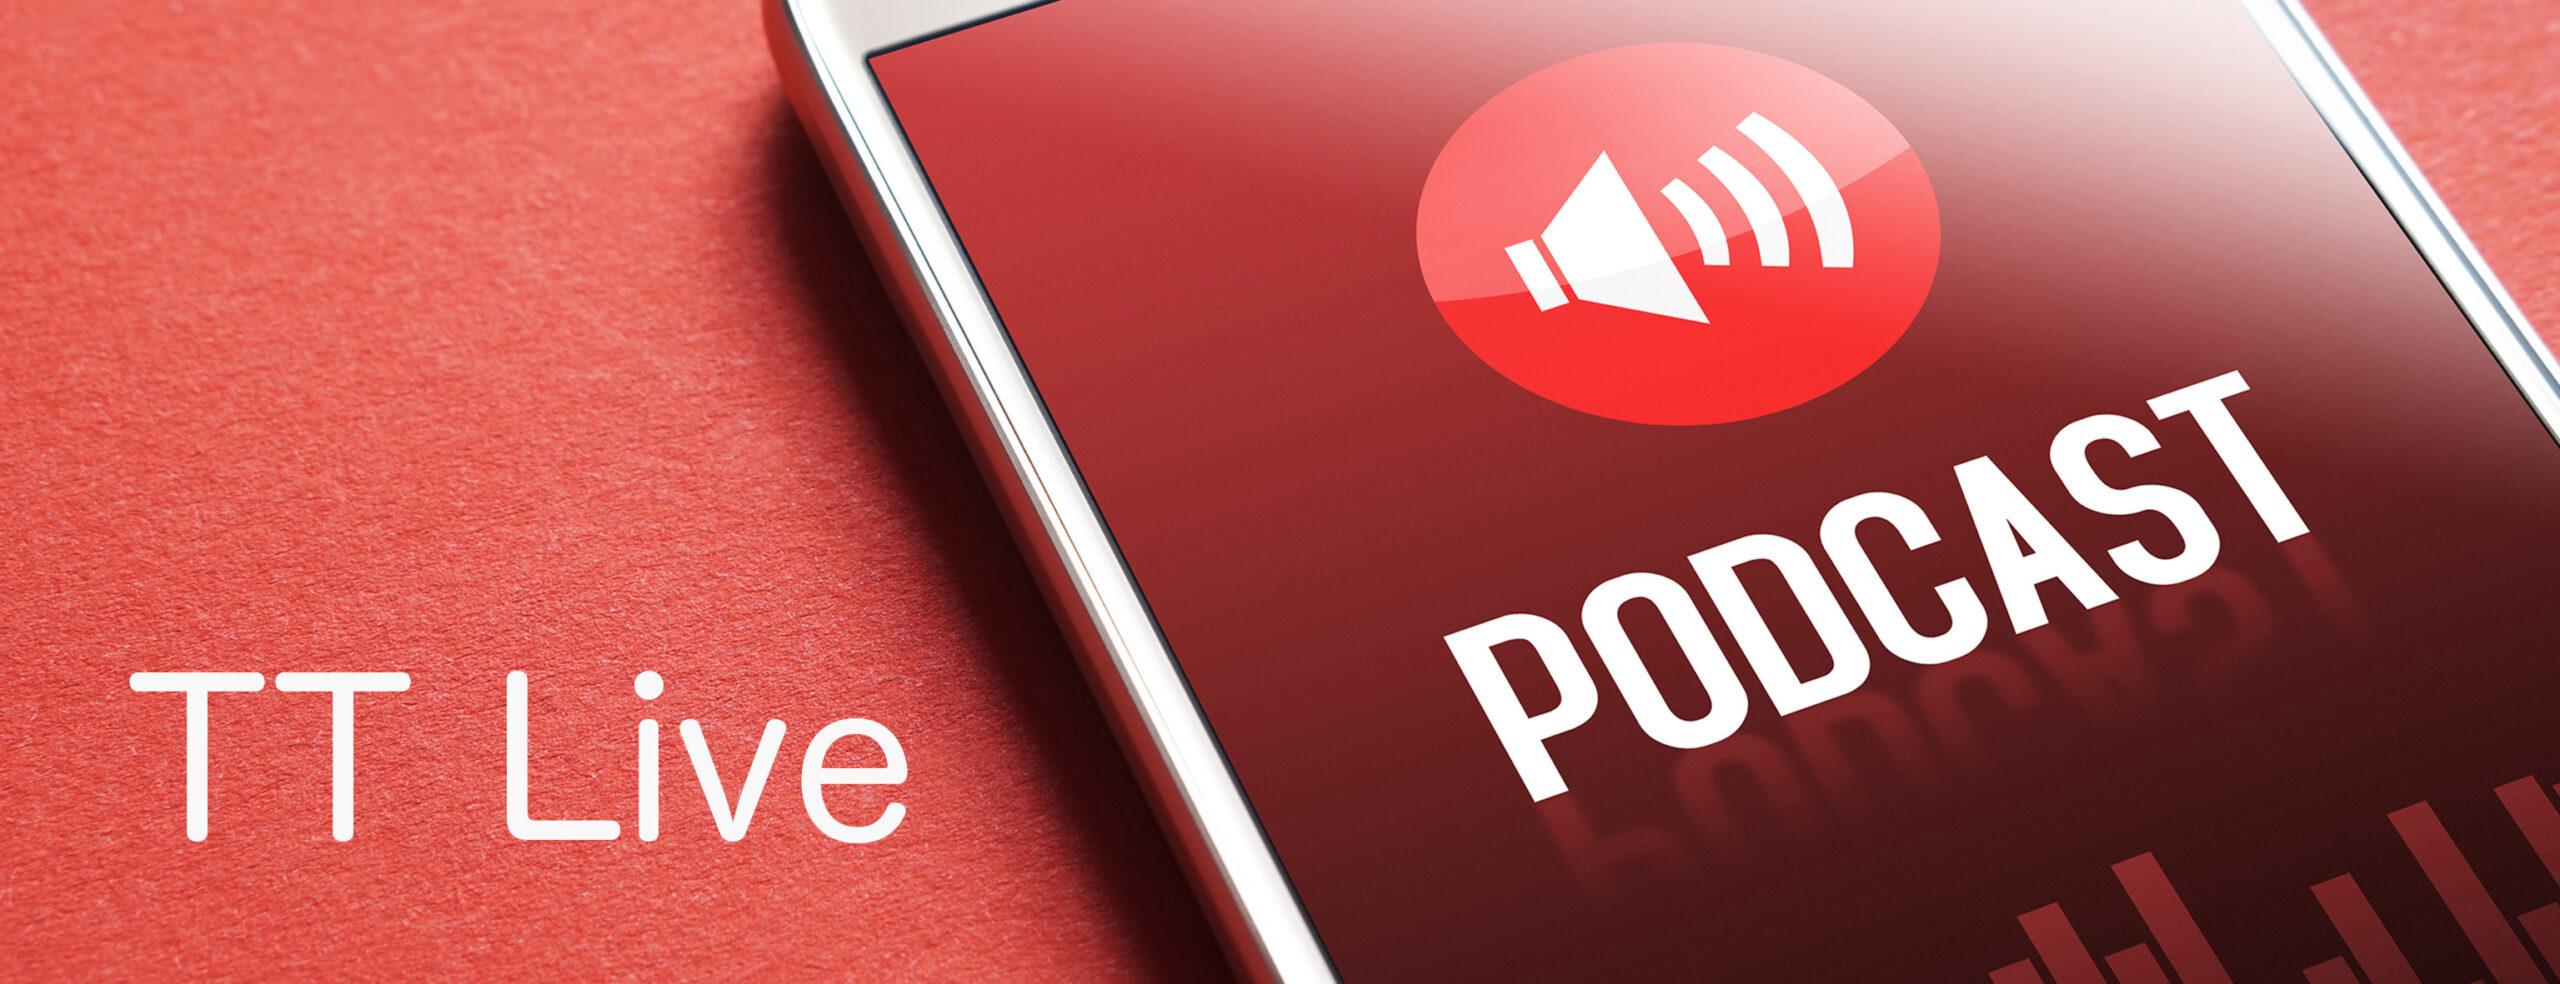 ТТ Клуб запускает аудиоподкаст по управлению рисками и предотвращению убытков